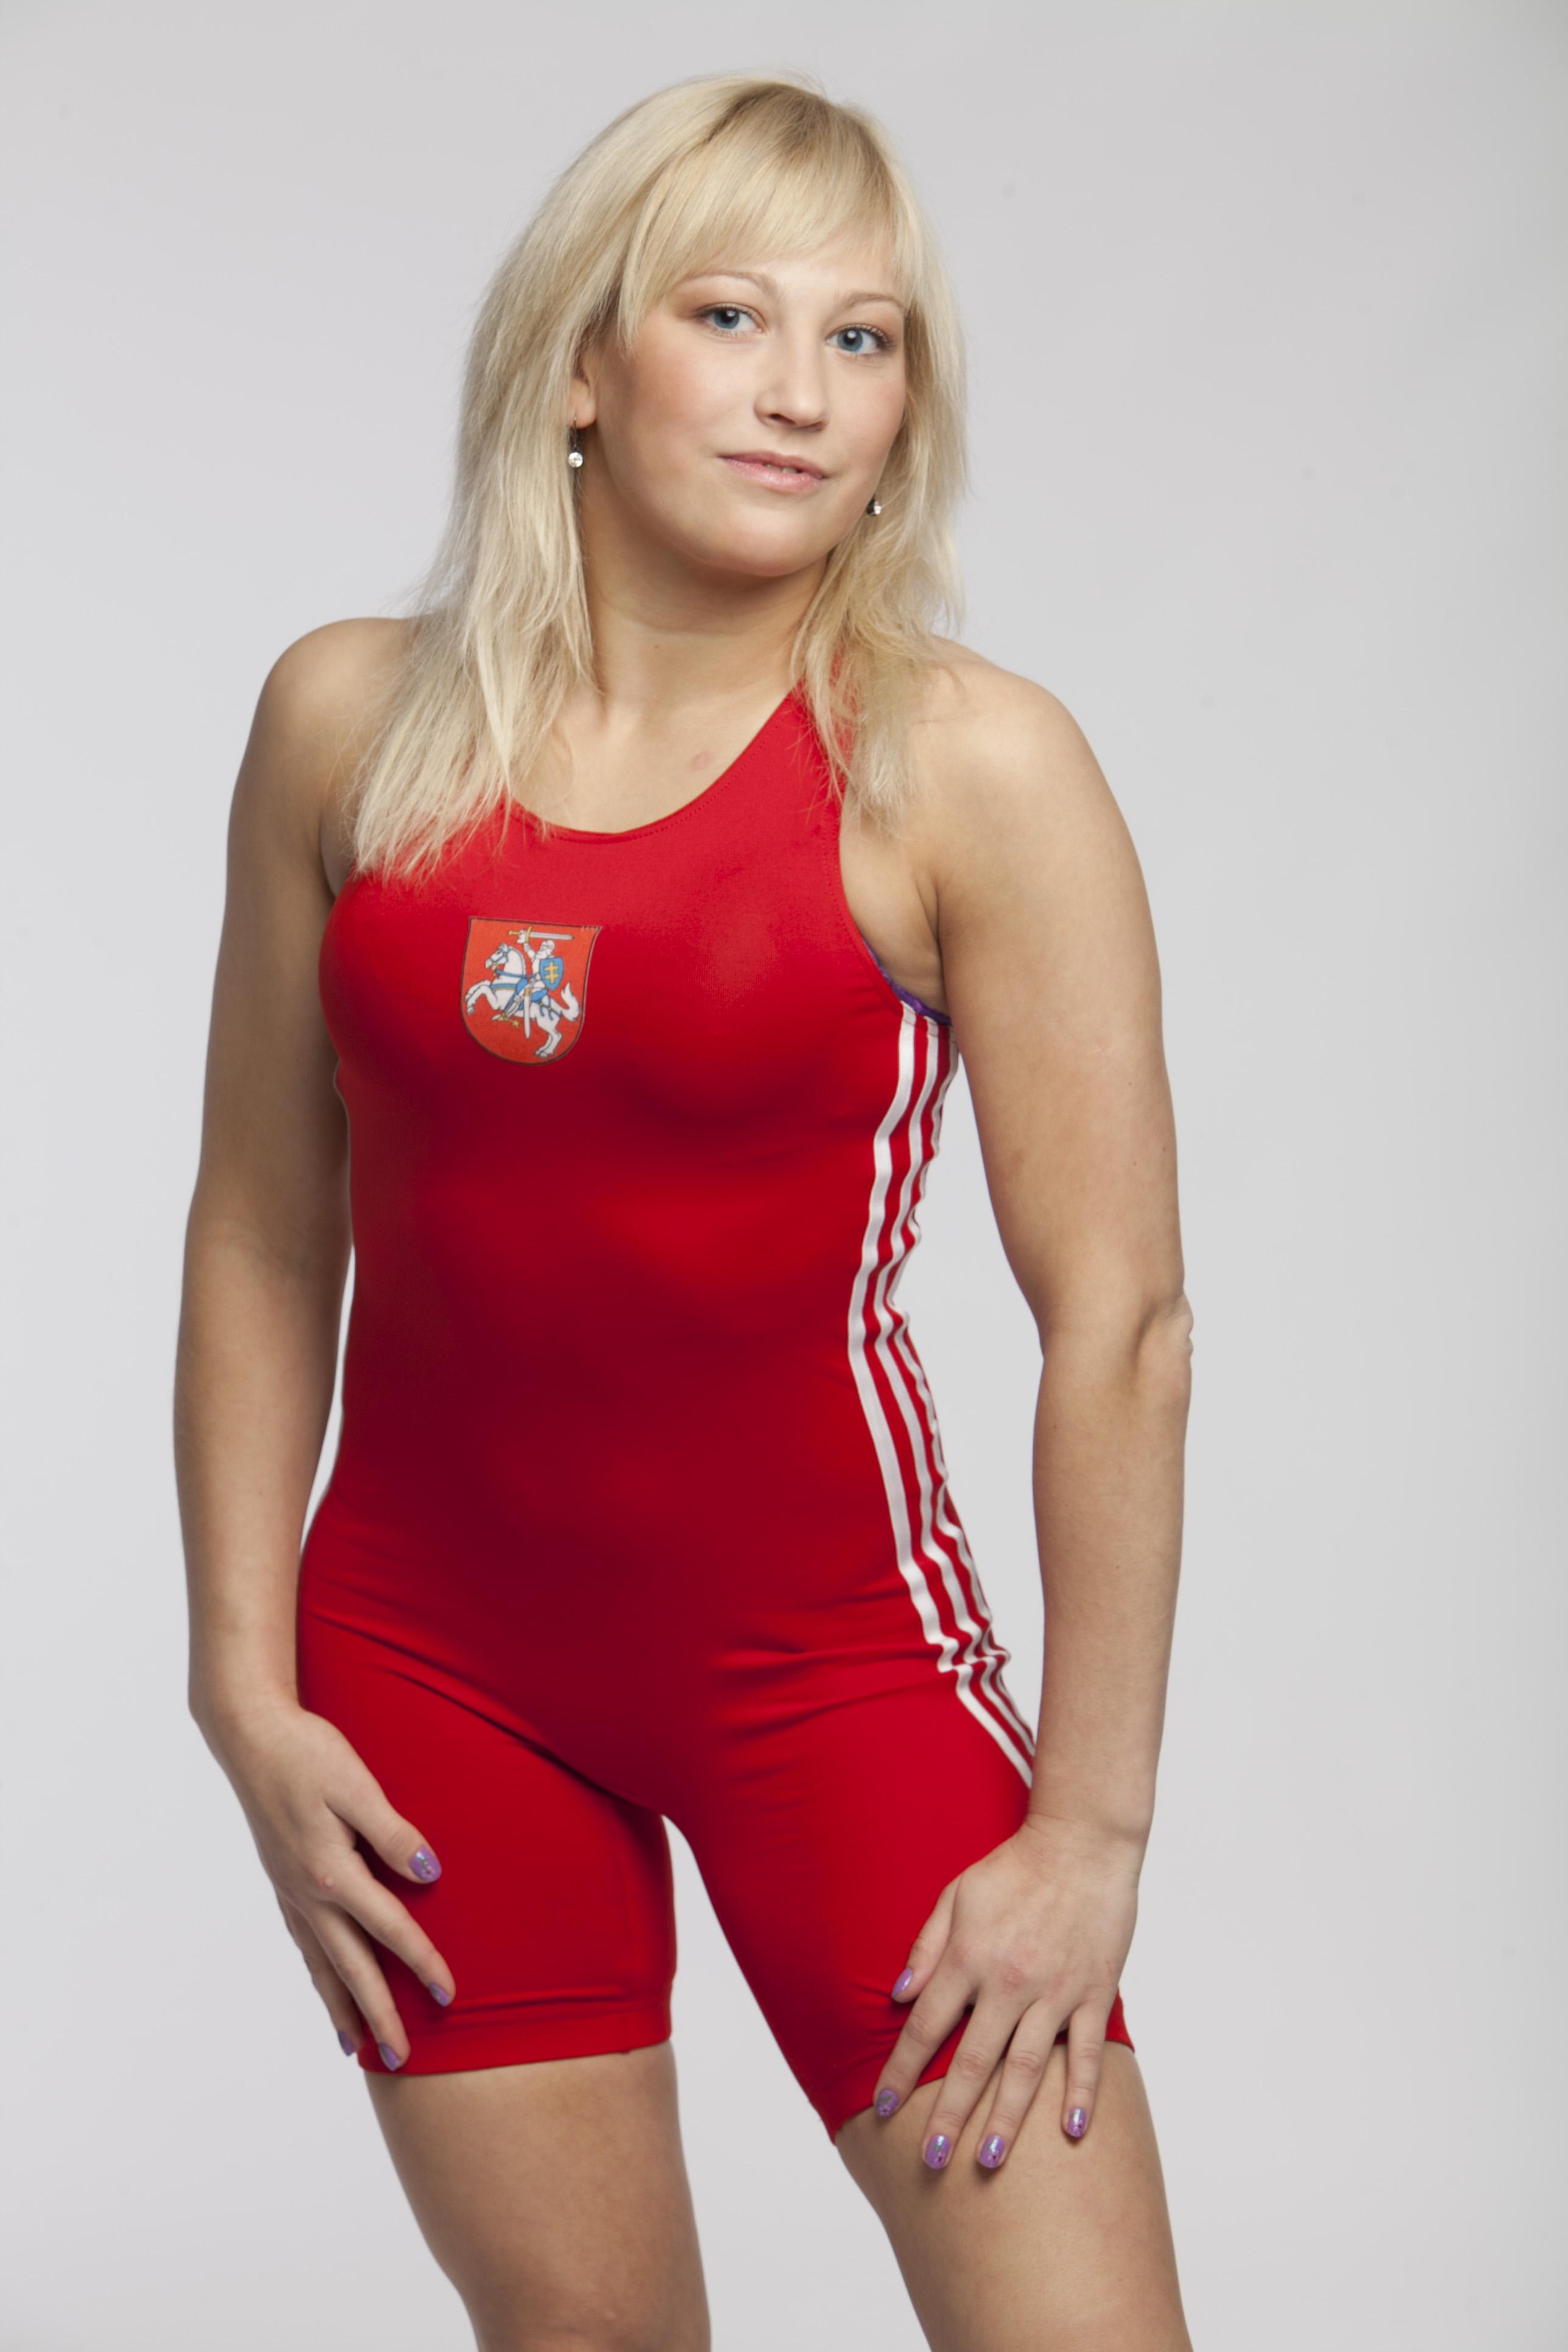 Europos imtynių čempionate Indrė Bubelytė užėmė penktą vietą. Laisvūnai pralaimėjo pirmąsias kovas (atnaujinta)